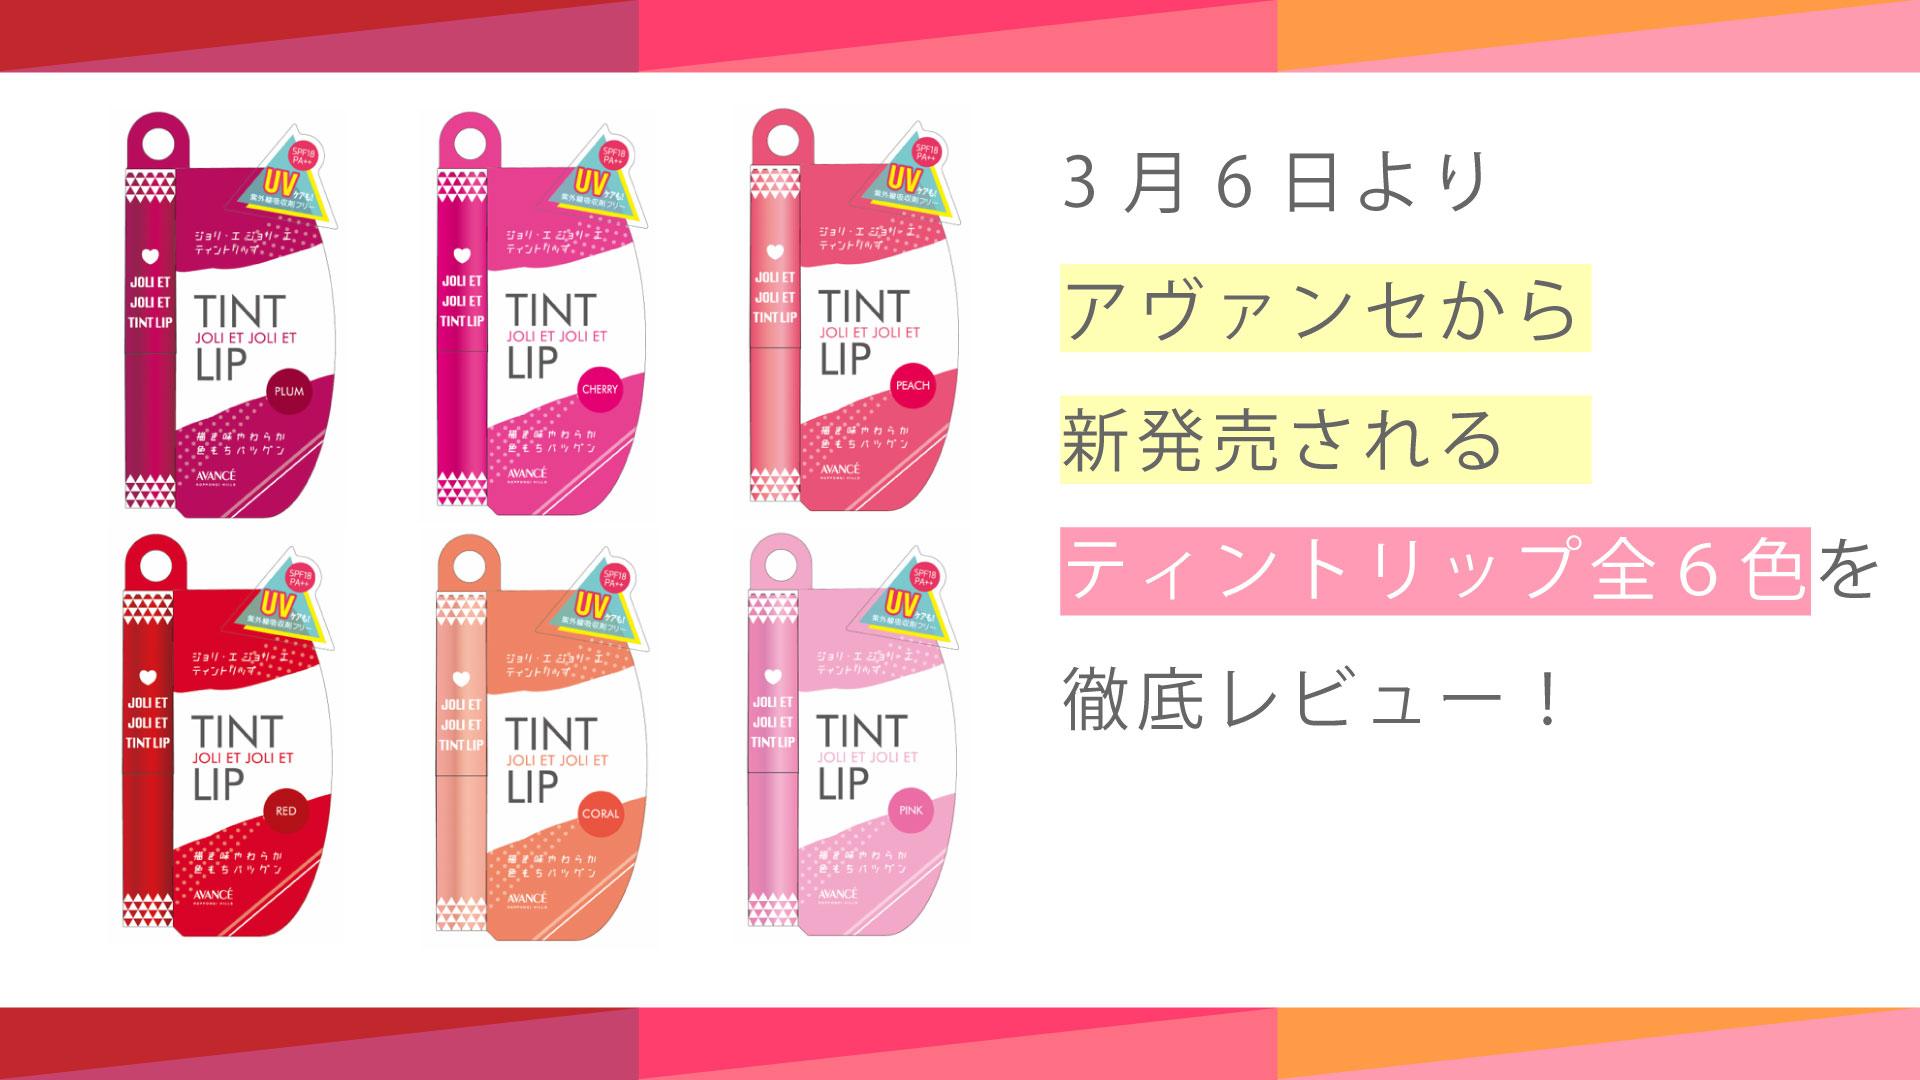 【2分で色味をチェック!】アヴァンセからプチプラティントリップが全6色展開で新発売のサムネイル